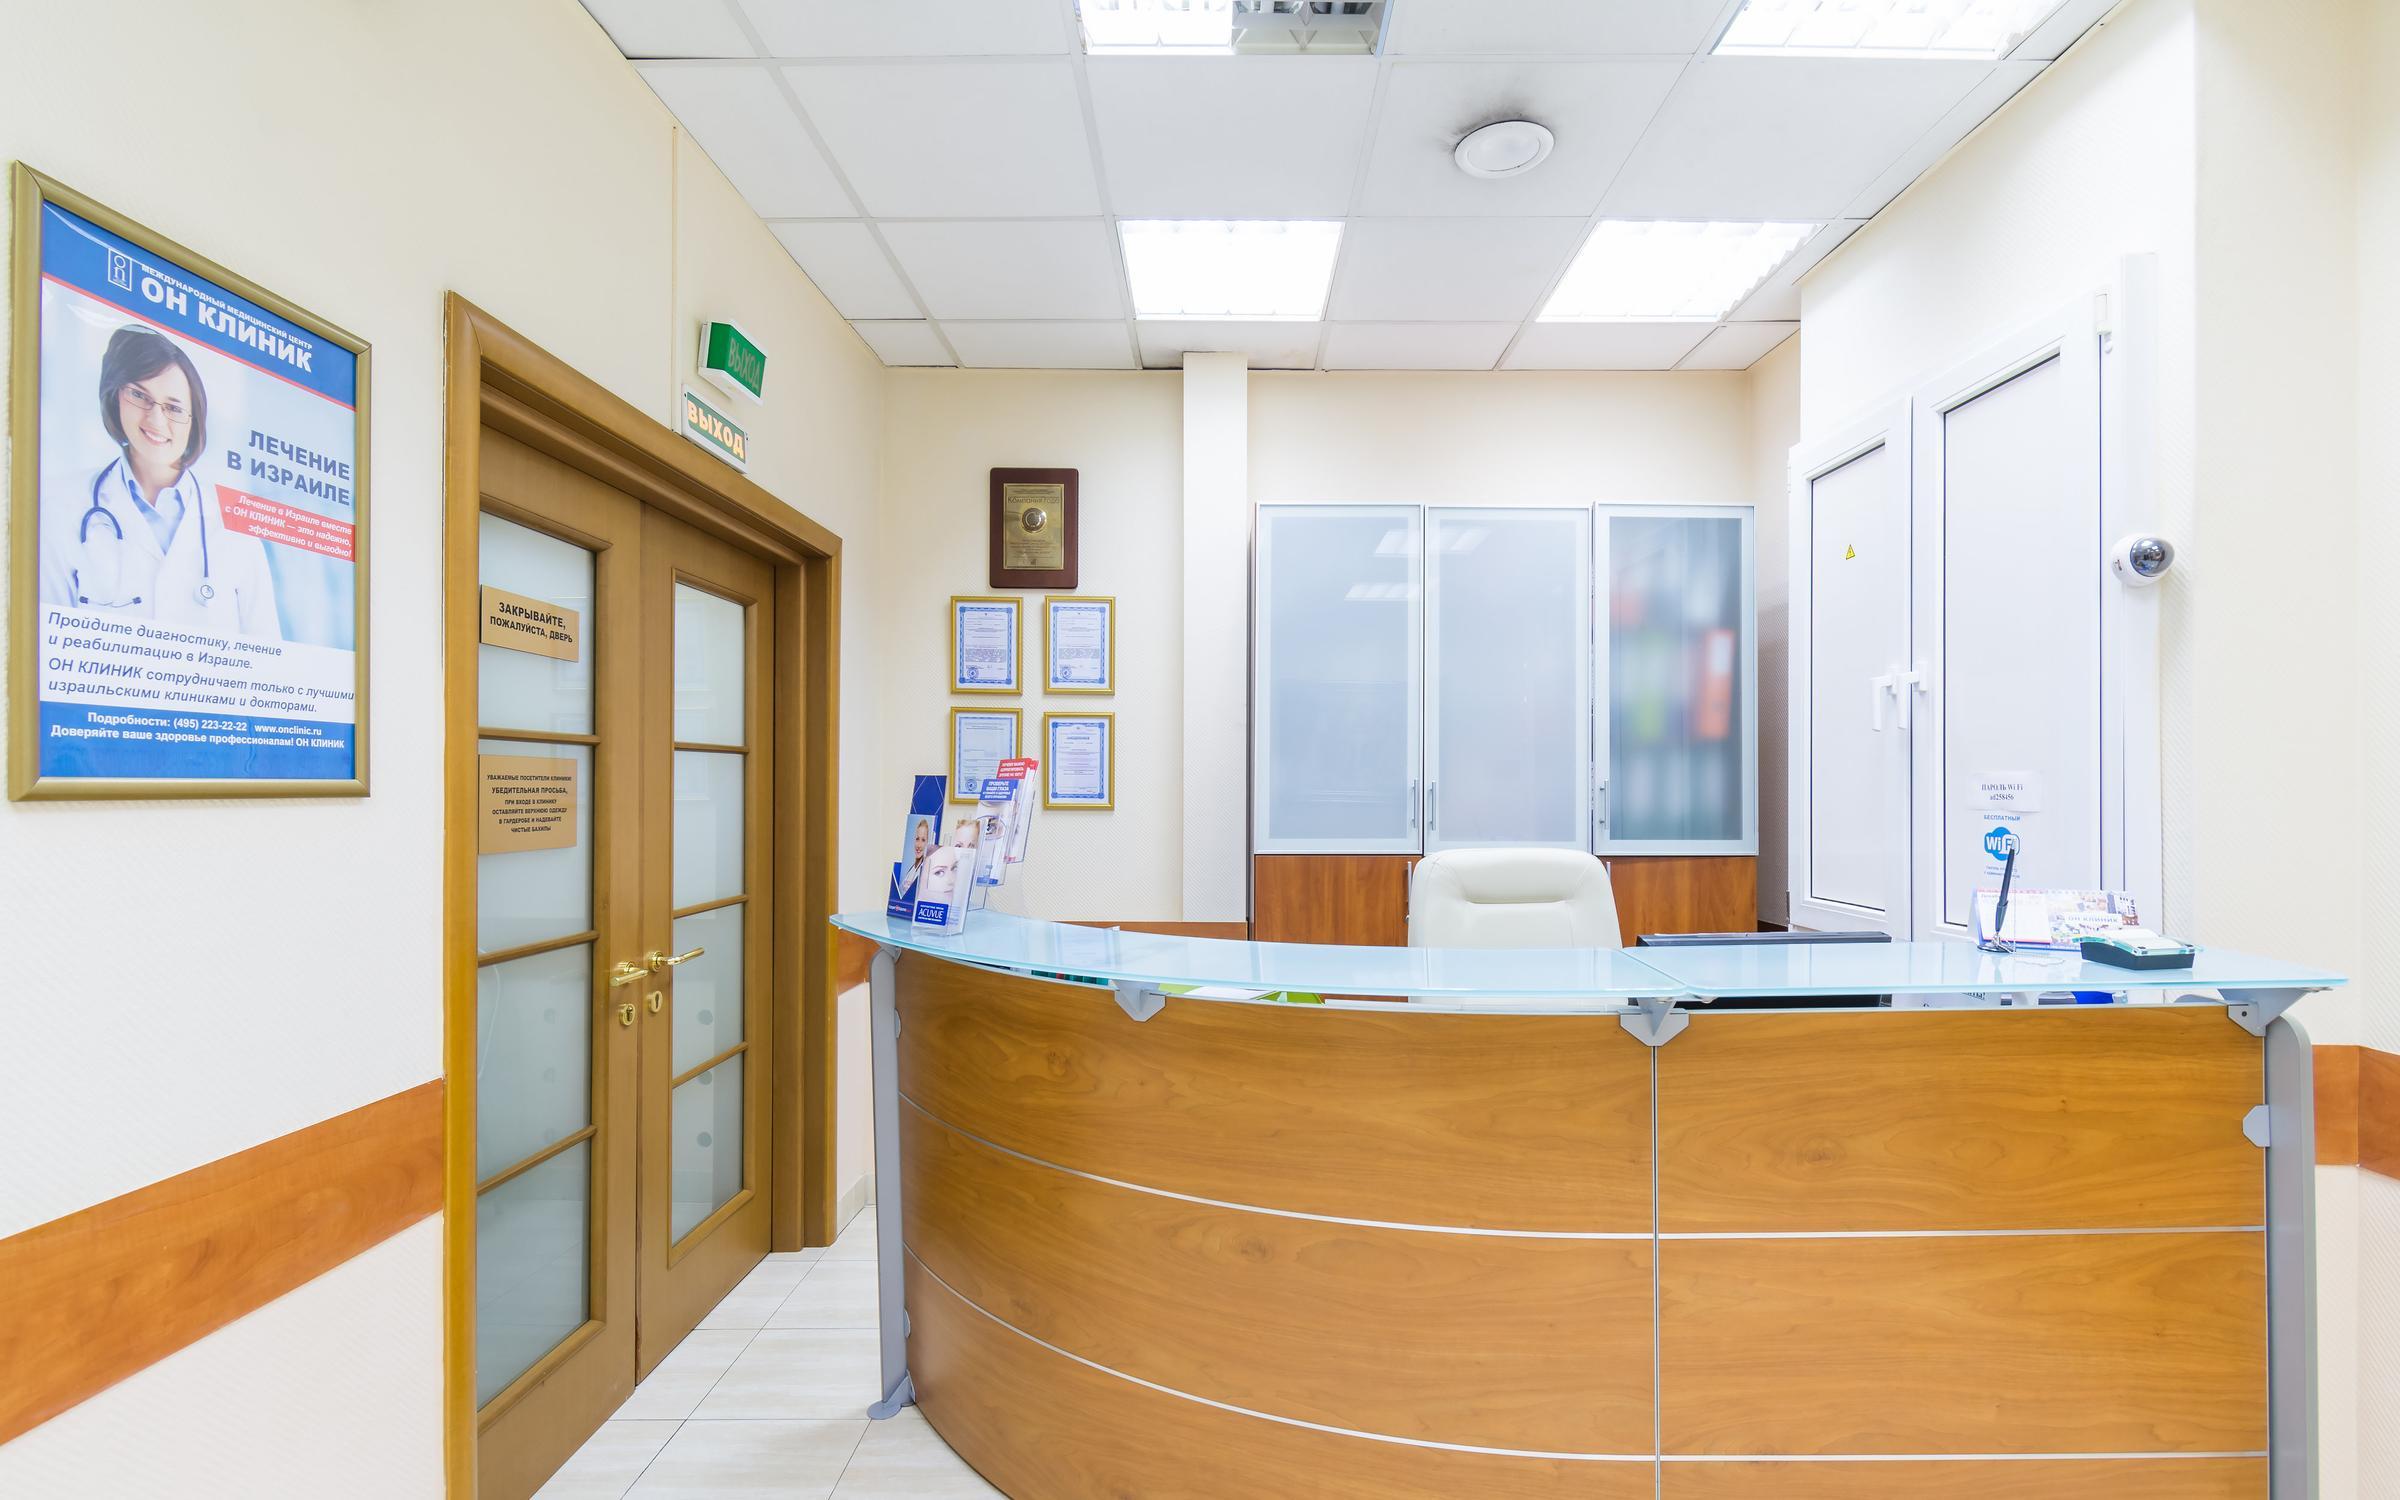 фотография Международного медицинского центра ОН КЛИНИК на метро Цветной бульвар